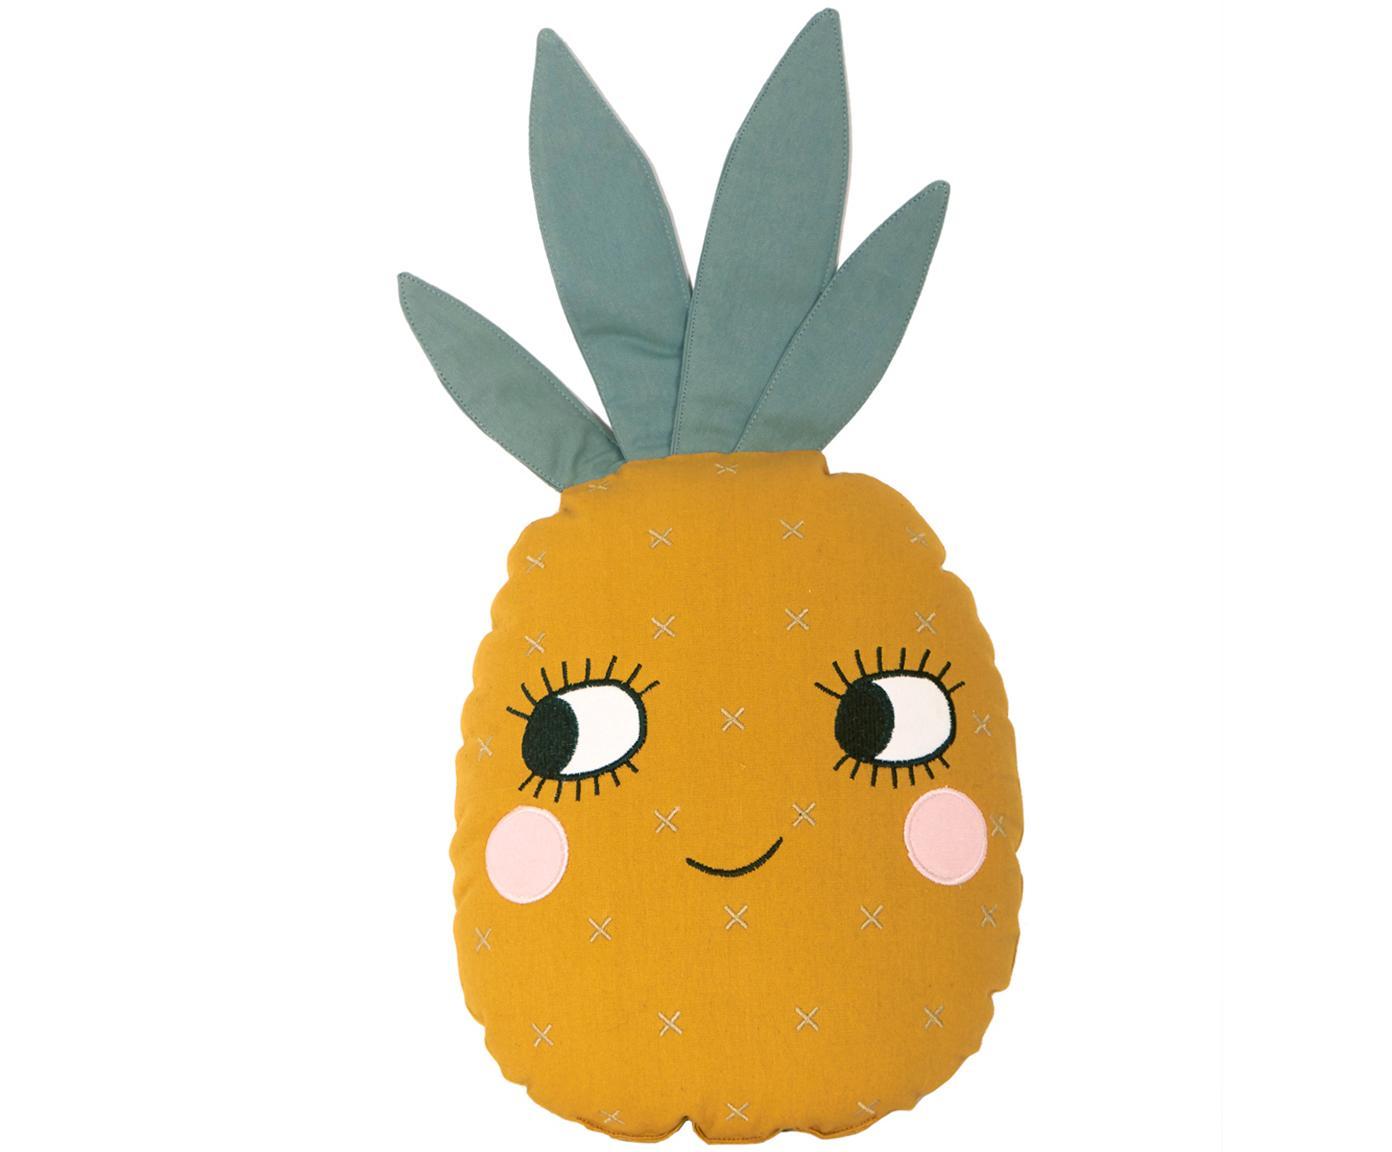 Kissen Pineapple aus Bio-Baumwolle, mit Inlett, Bezug: Bio-Baumwolle, OCS-zertif, Gelb, 32 x 61 cm